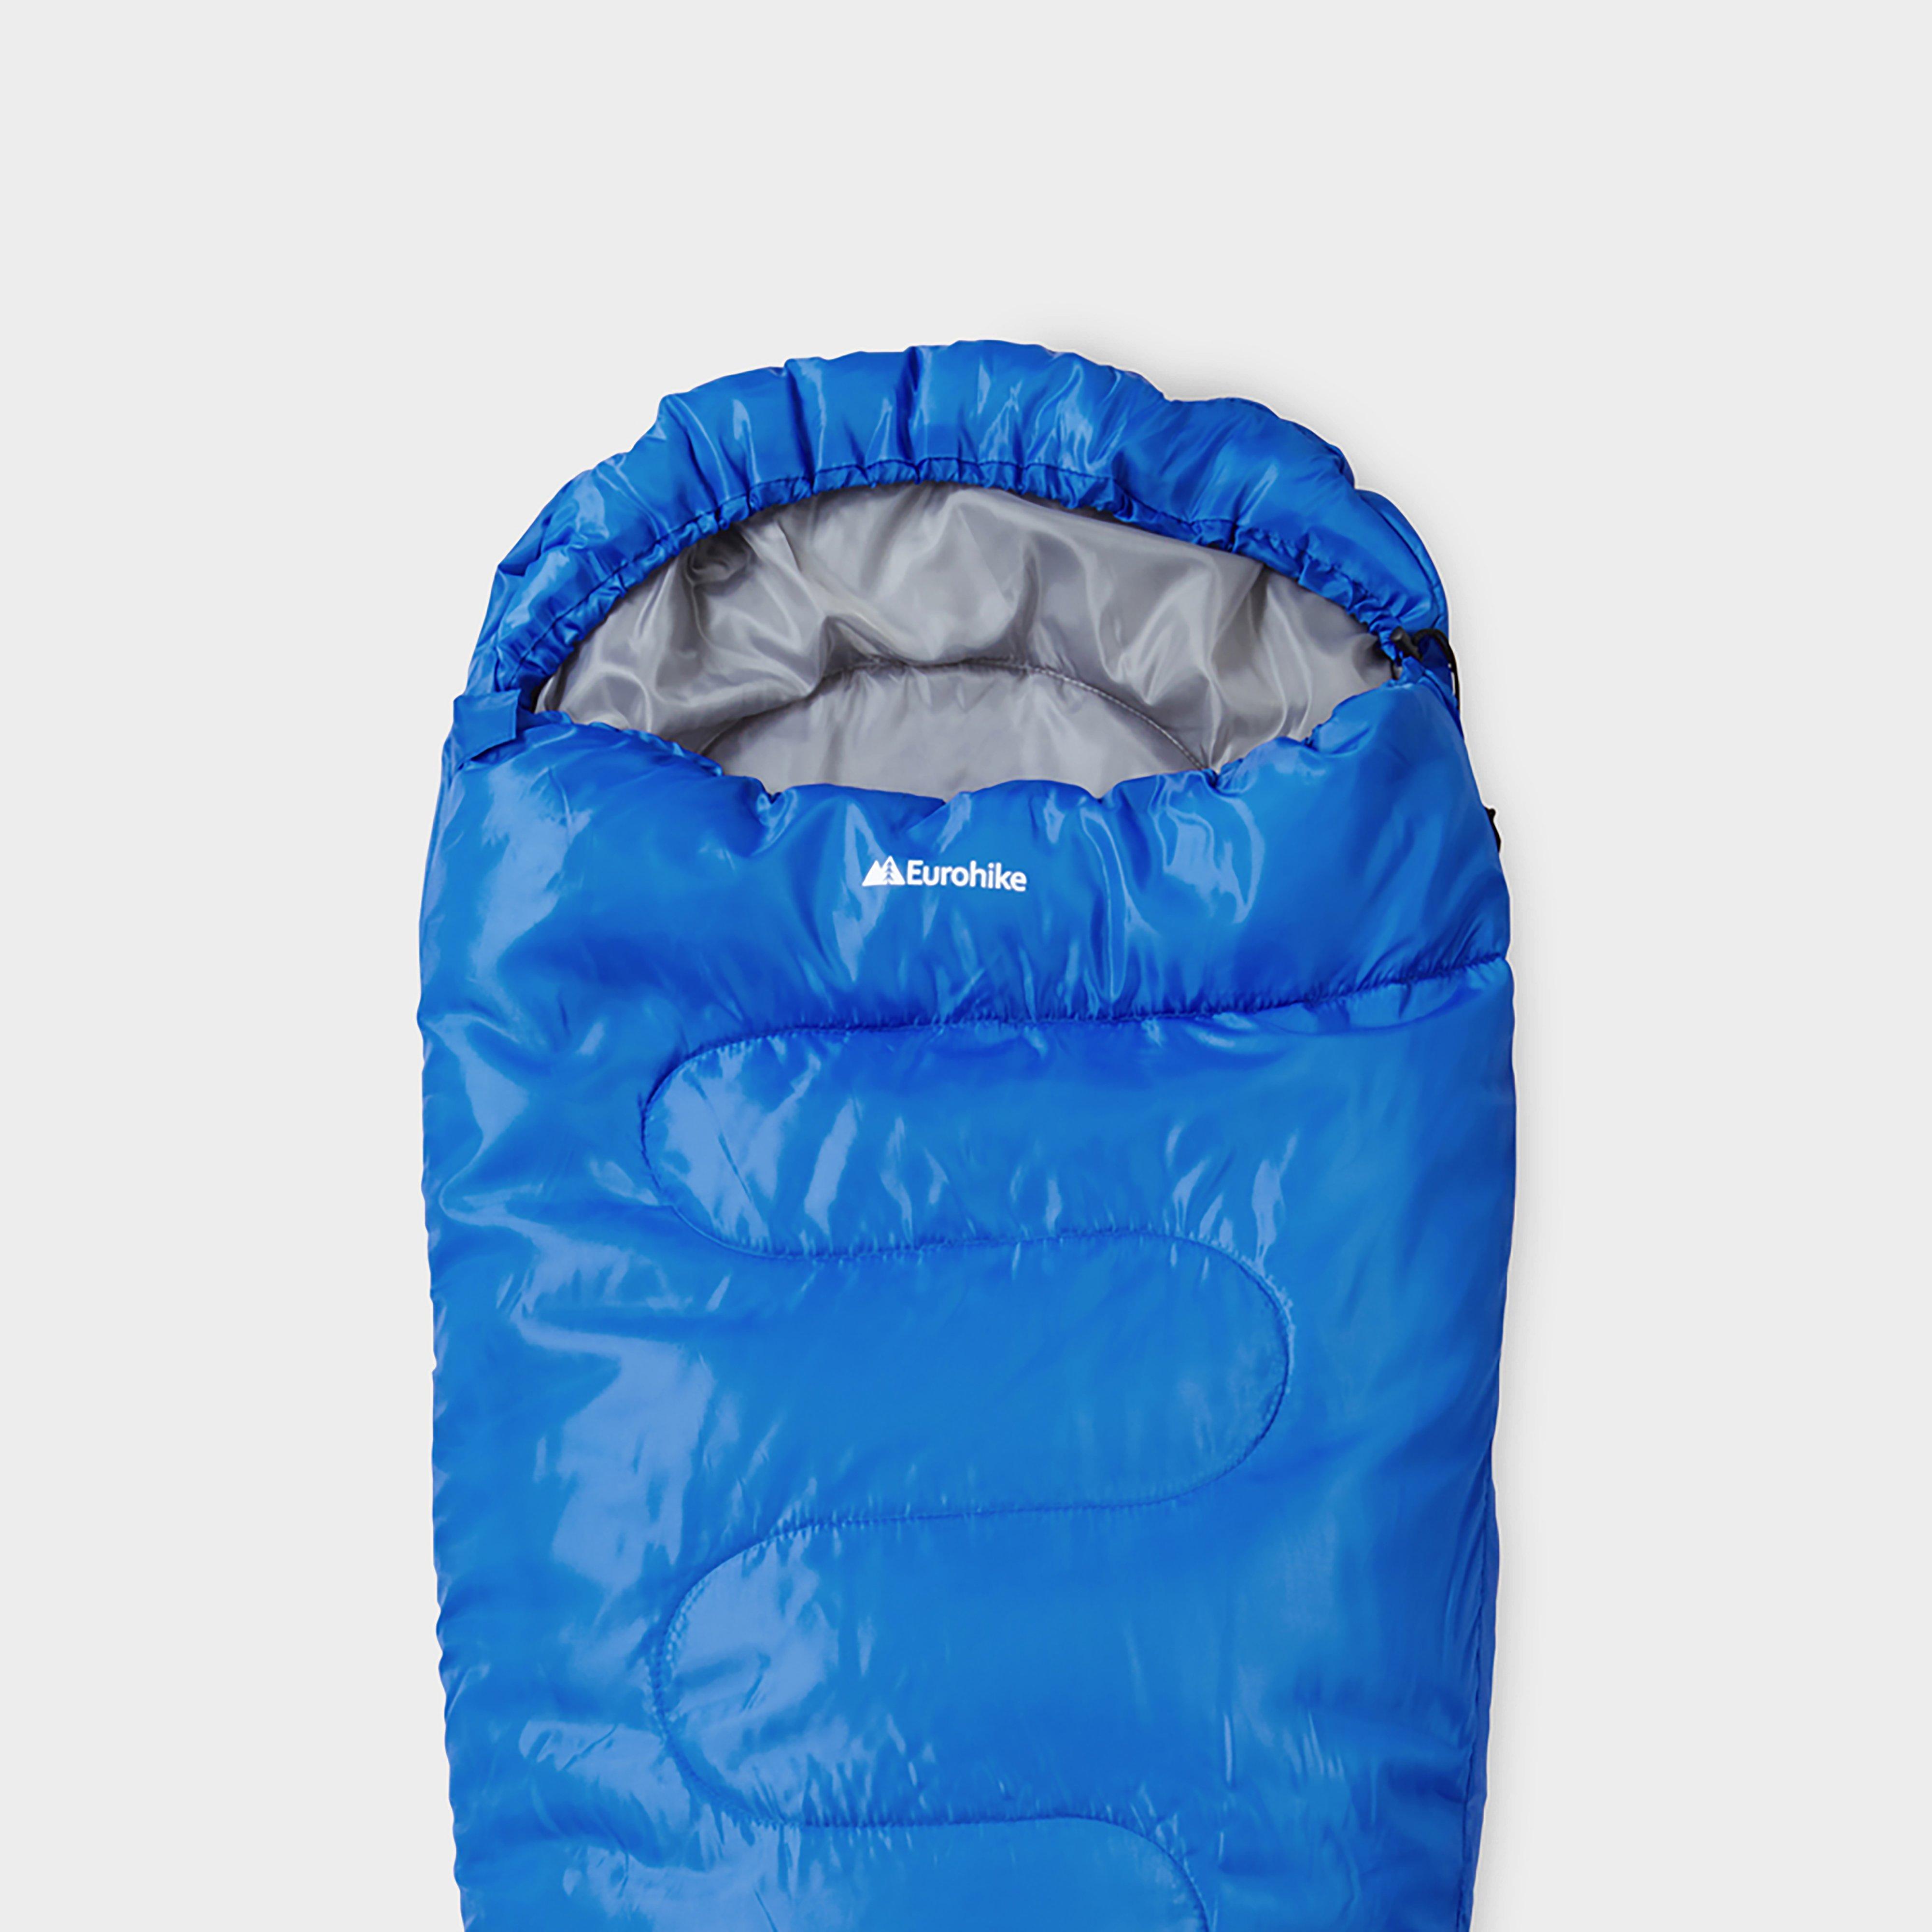 Eurohike Eurohike Snooze Mummy Sleeping Bag, Blue